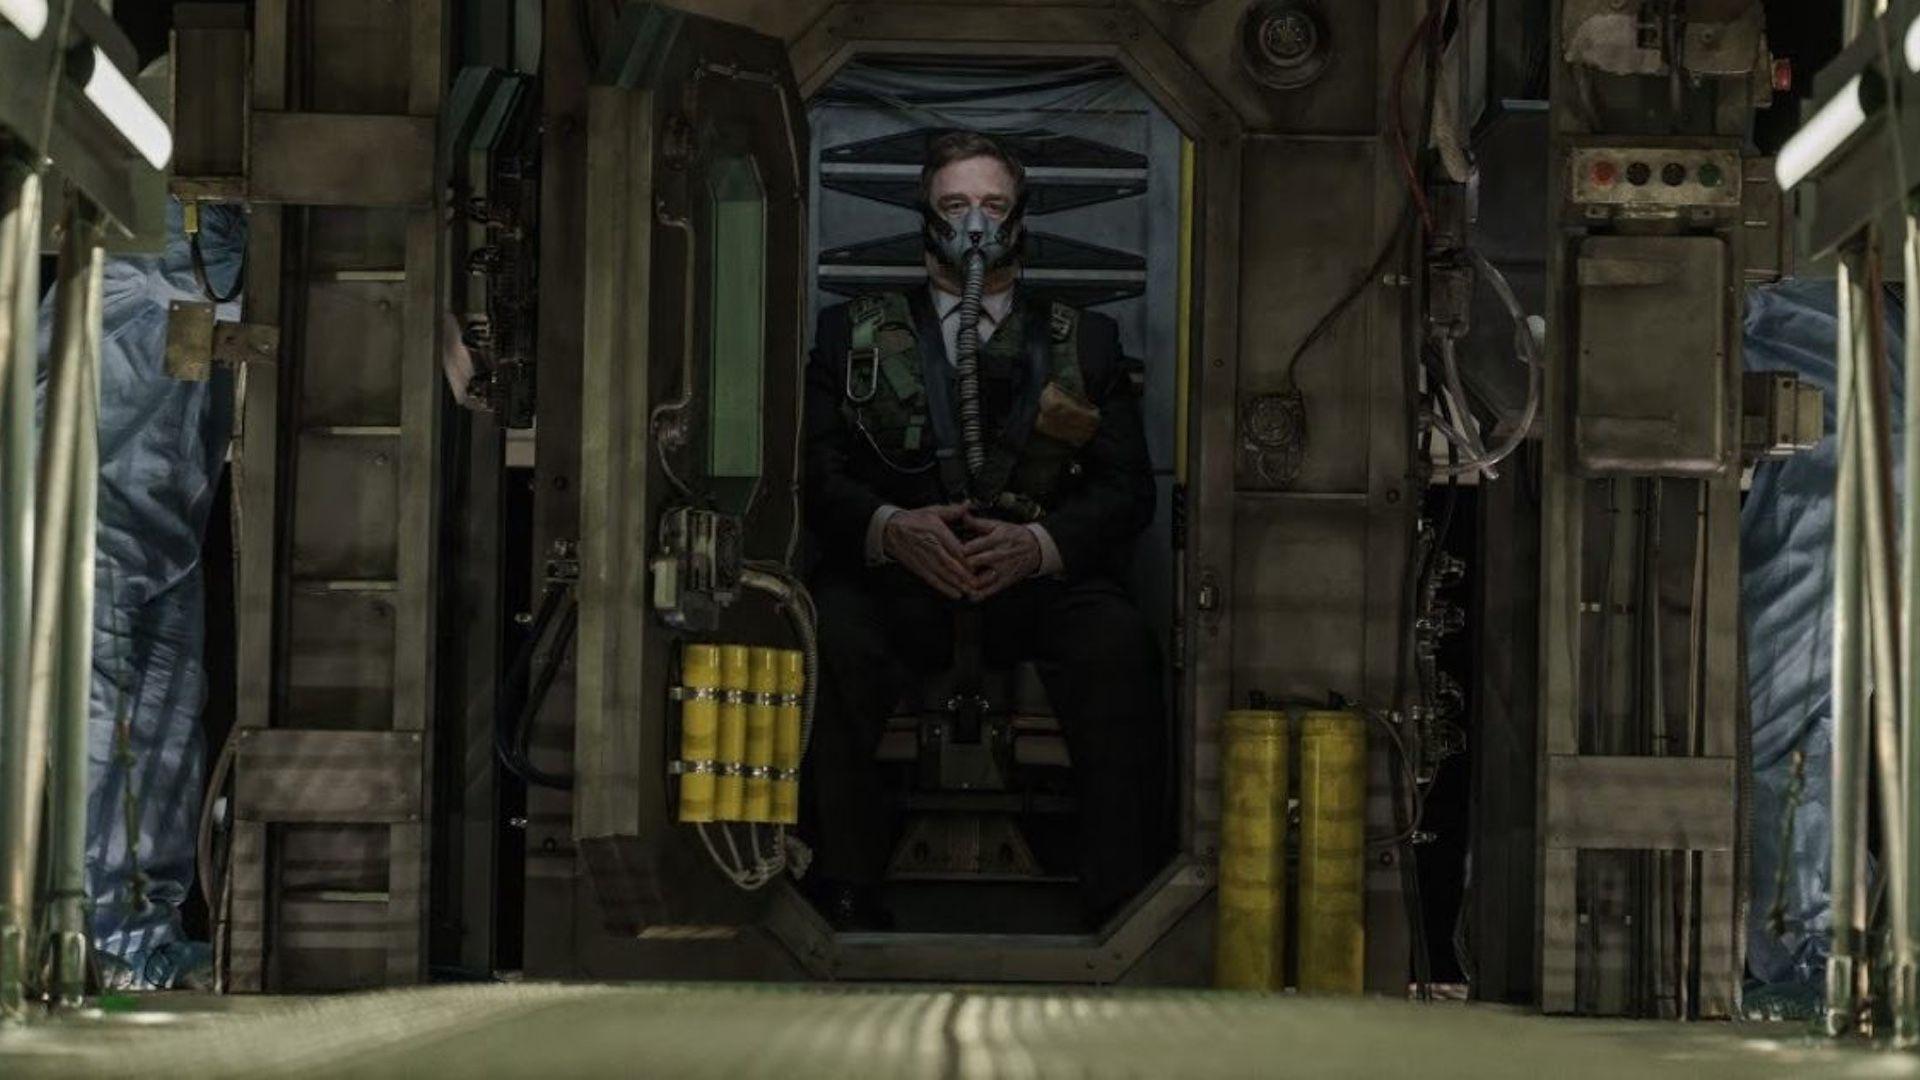 Tráiler de 'Captive State', la cinta de aliens con Vera Farmiga y John Goodman - Lo nuevo de Rupert Wyatt es 'Captive State'